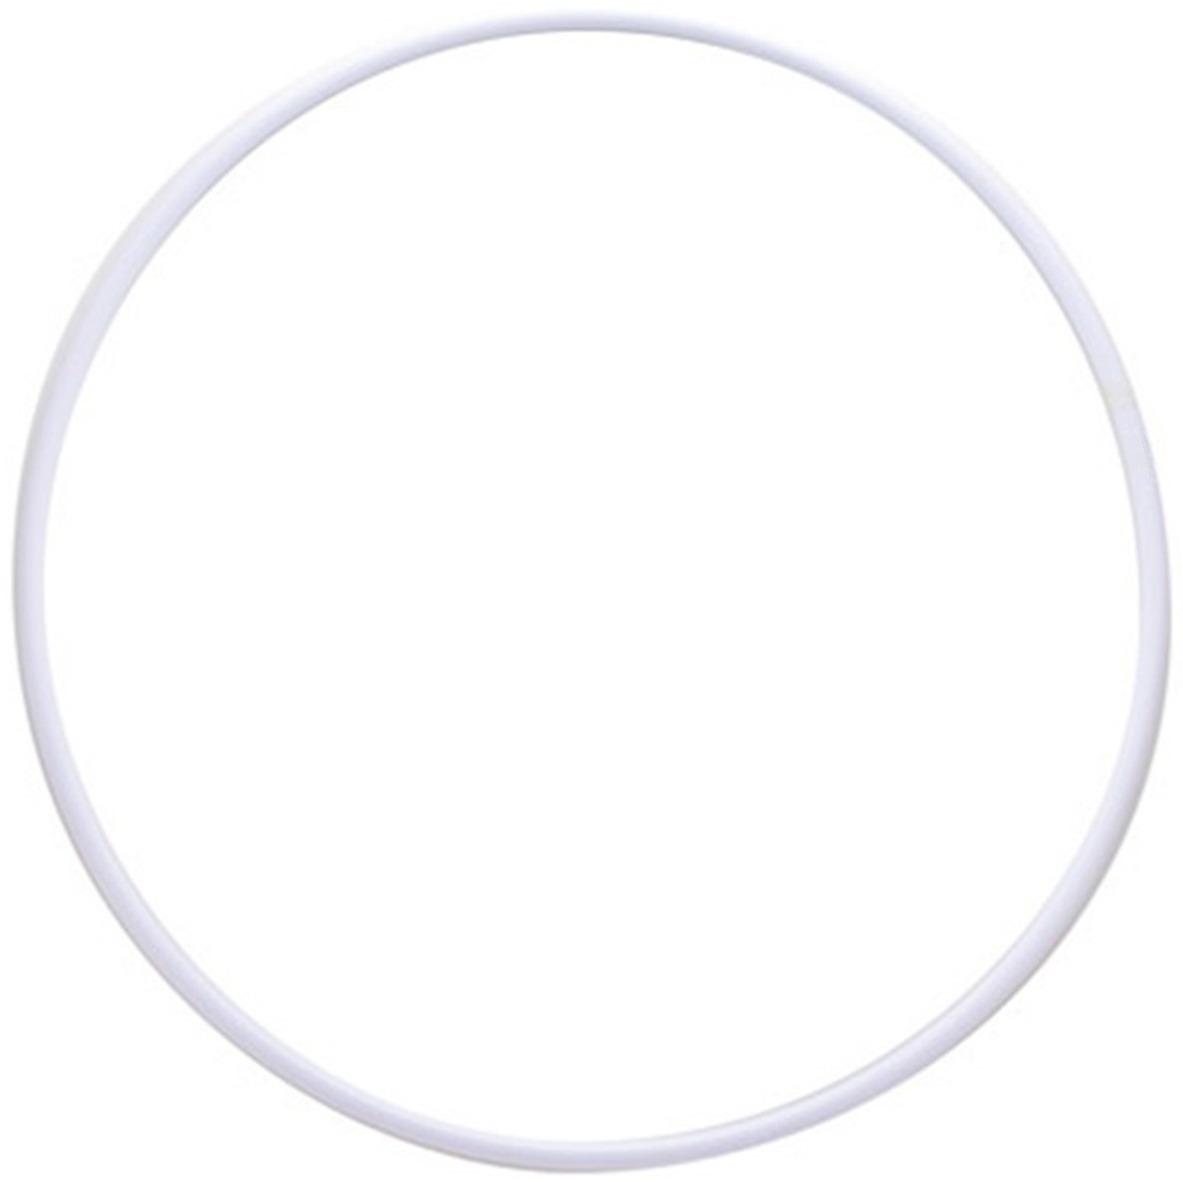 Обруч гимнастический Indigo, цвет: белый, диаметр 90 см обруч алюминиевый гимнастический d 750мм mr oal750col окрашенный